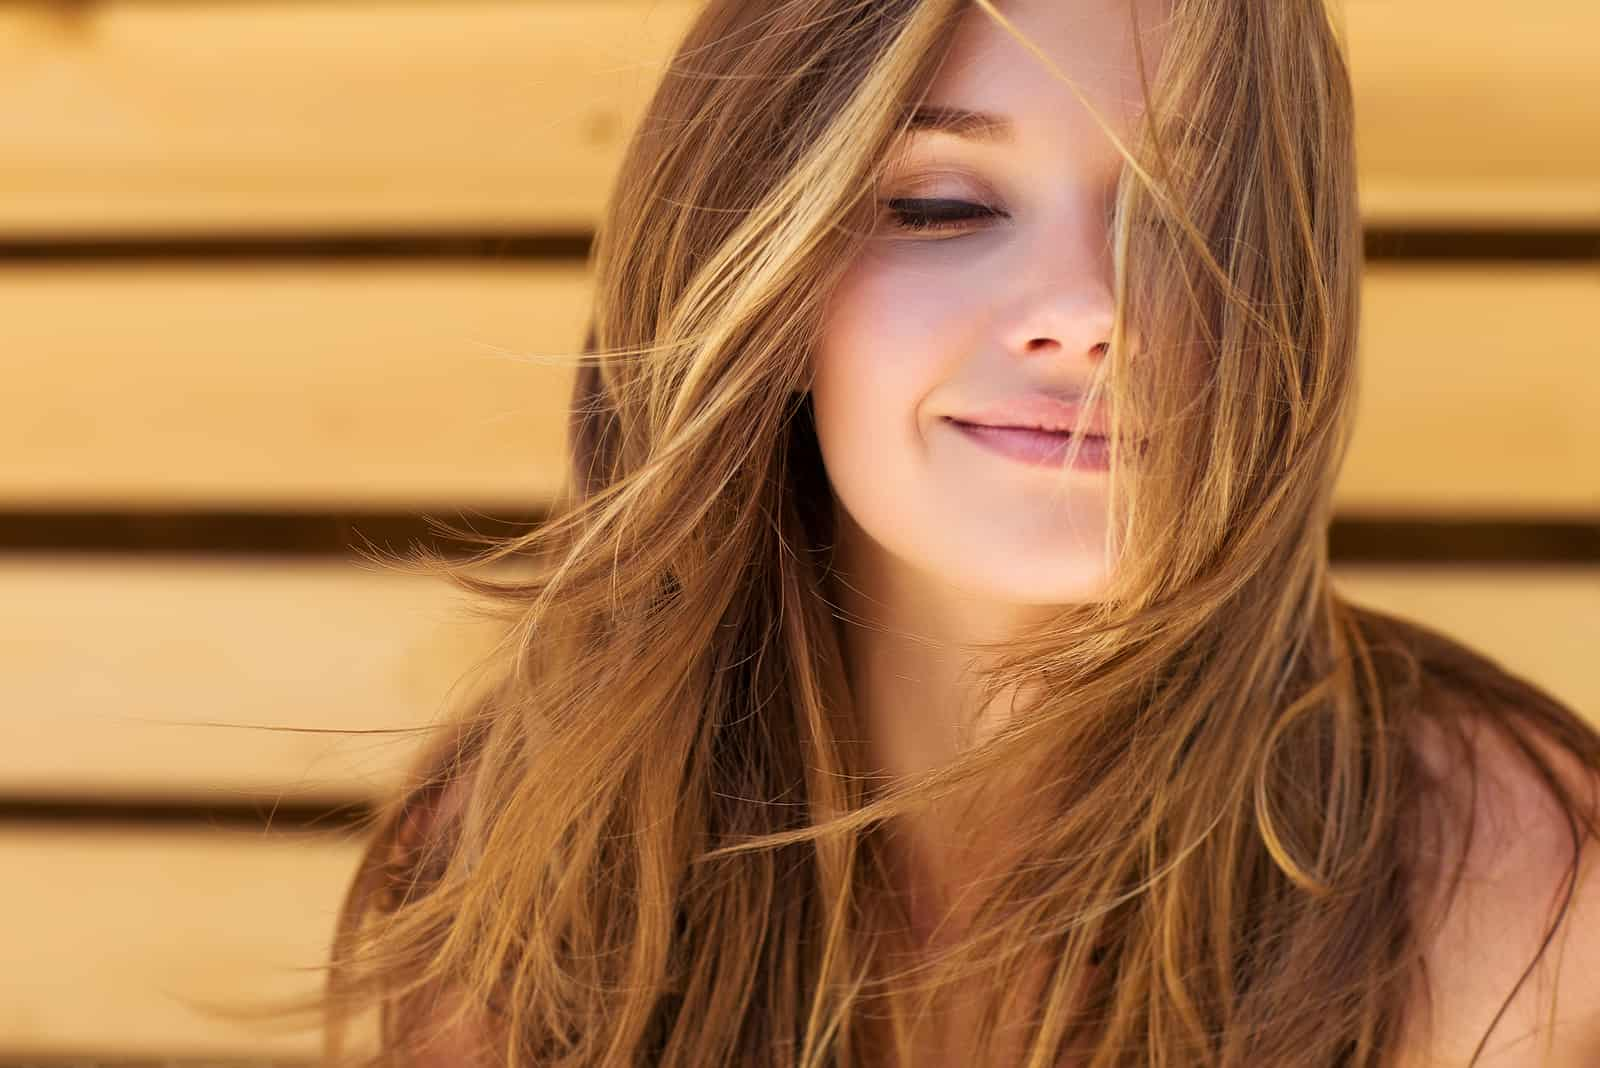 une femme aux longs cheveux bruns, les yeux fermés